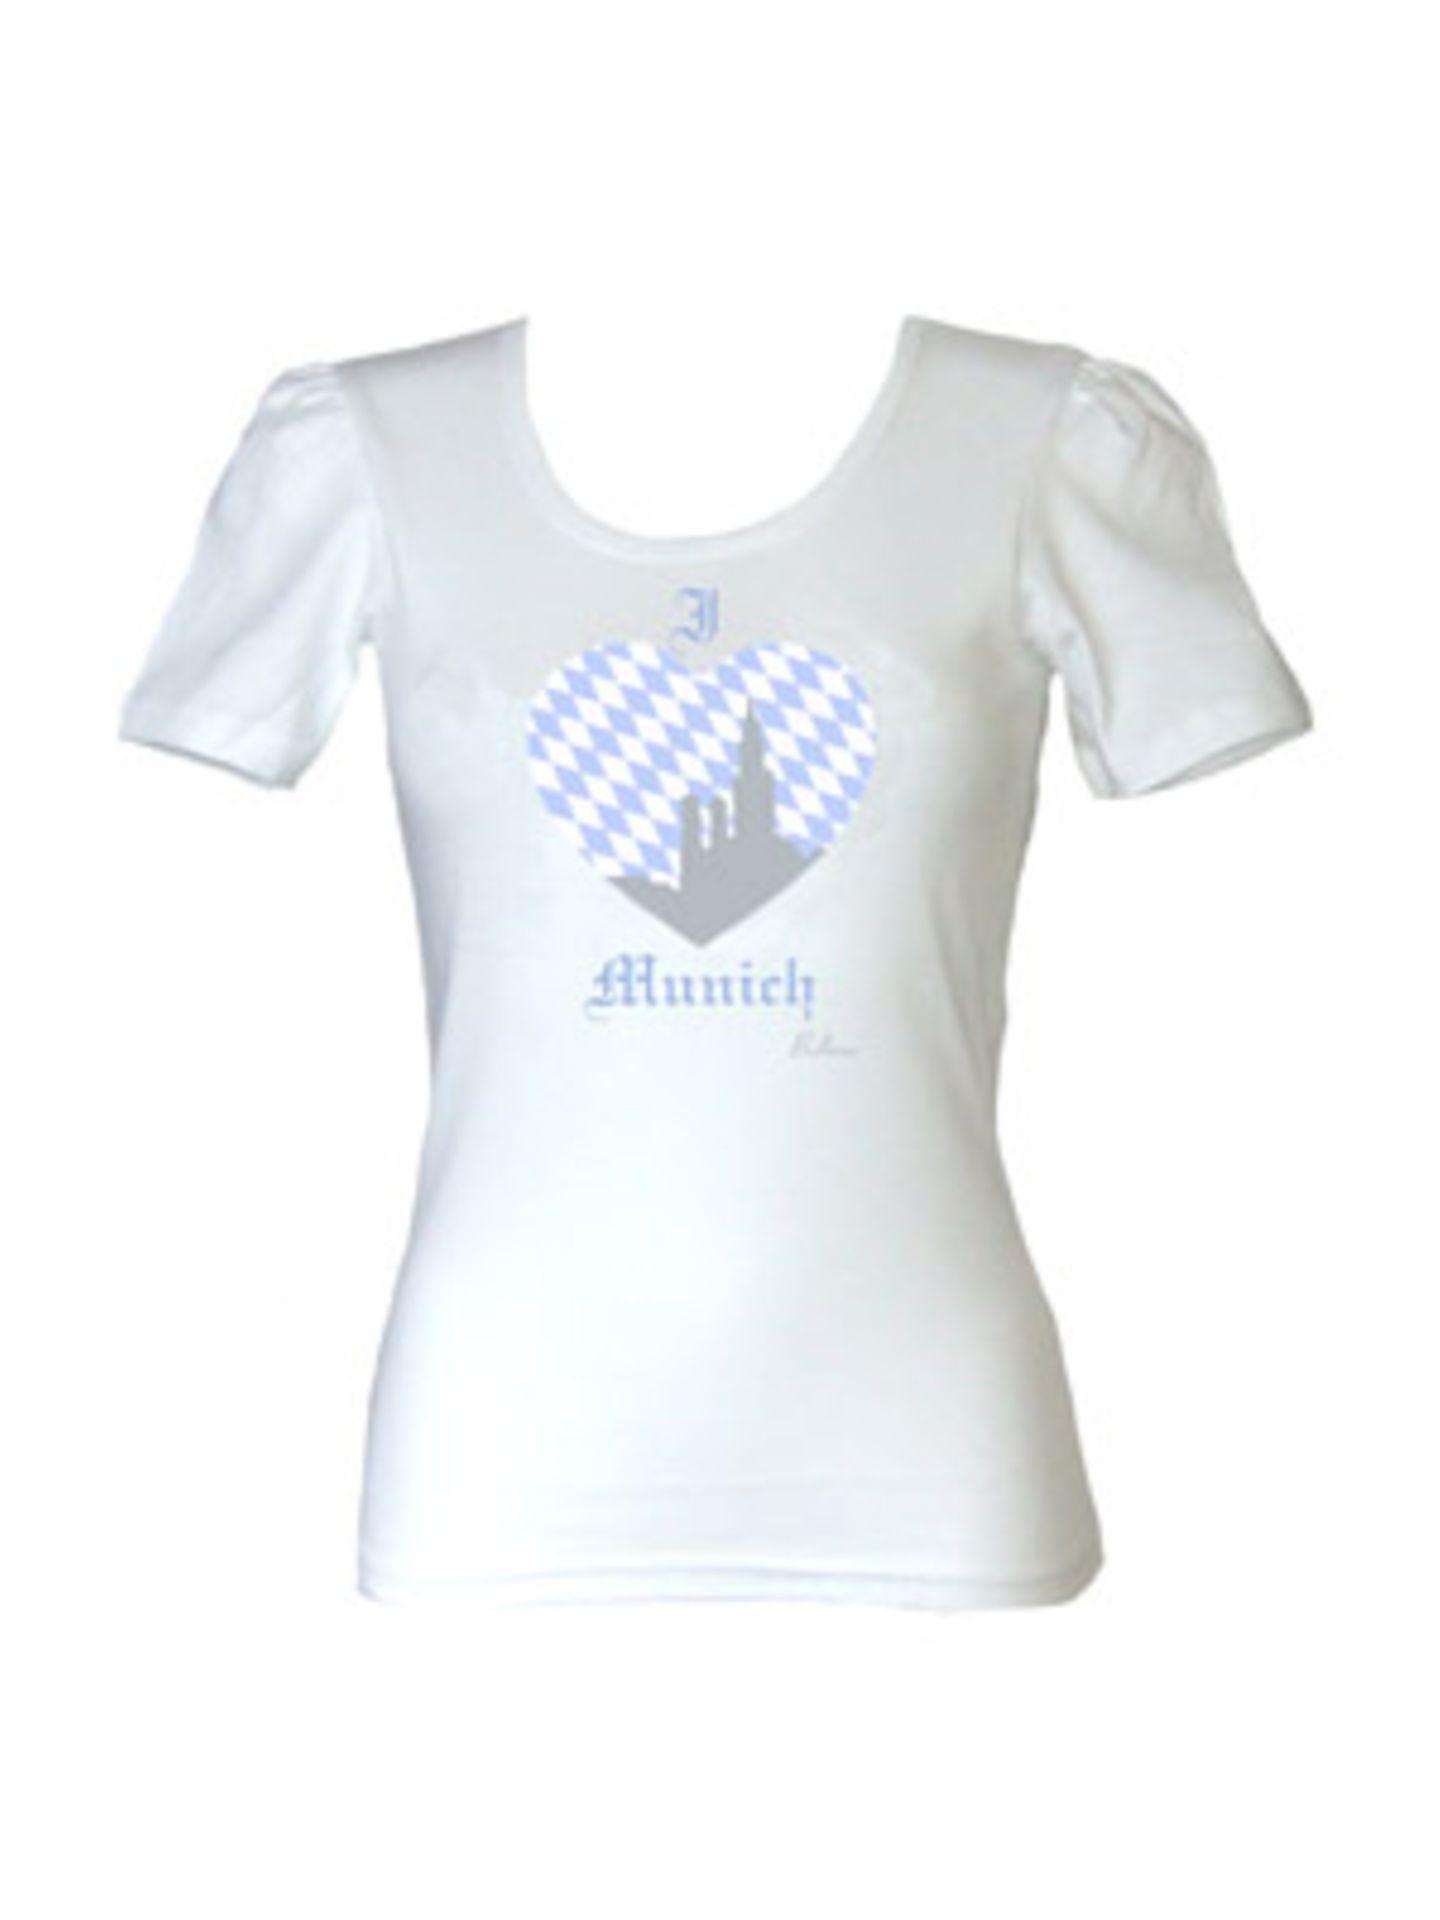 Weißes, tailliertes Shirt von Balbina, um 40 Euro. Für echte Bayern-Fans. Über www.balbina-balbina.de.